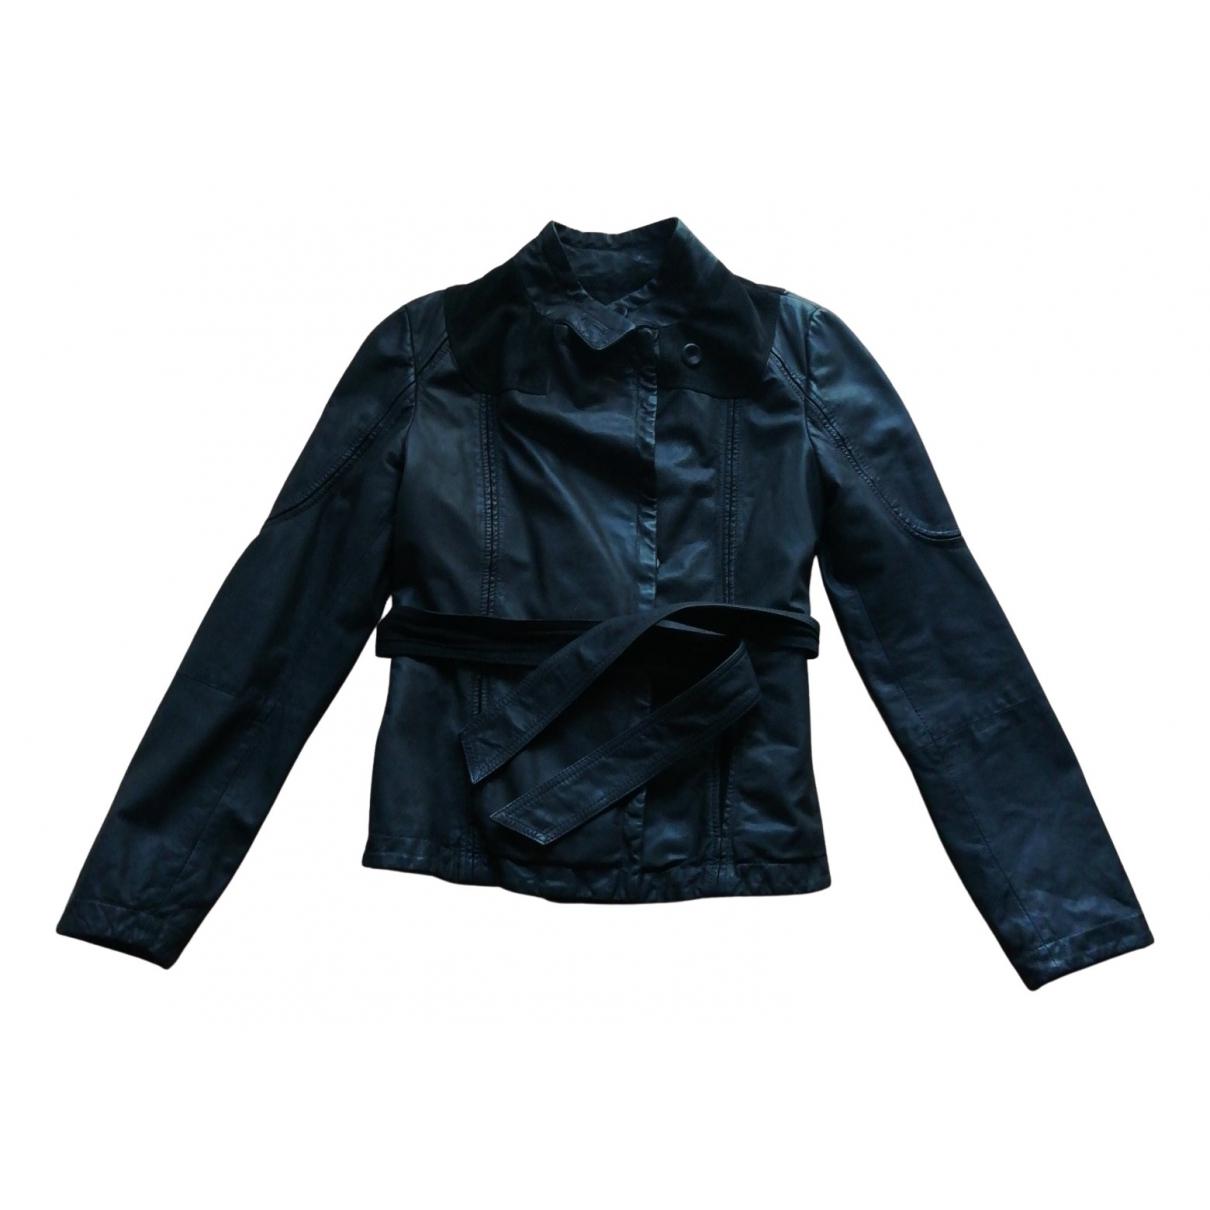 Emporio Armani - Veste   pour femme en cuir - noir